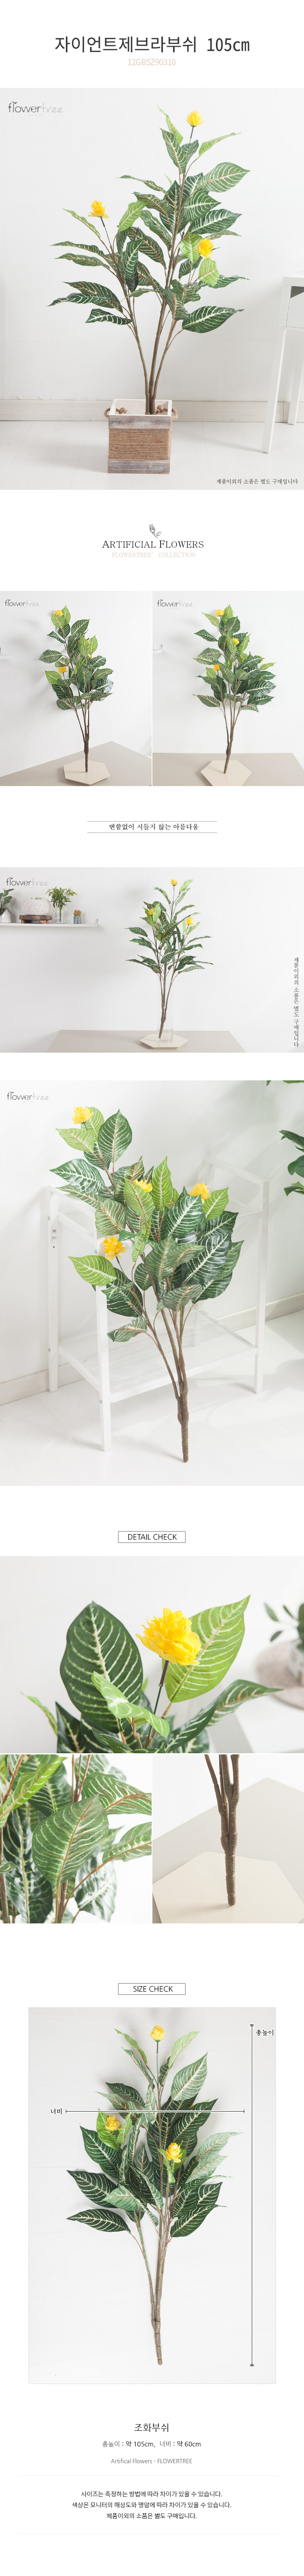 자이언트제브라부쉬o 105cm 조화 FAIAFT - 플라워트리, 40,000원, 조화, 부쉬